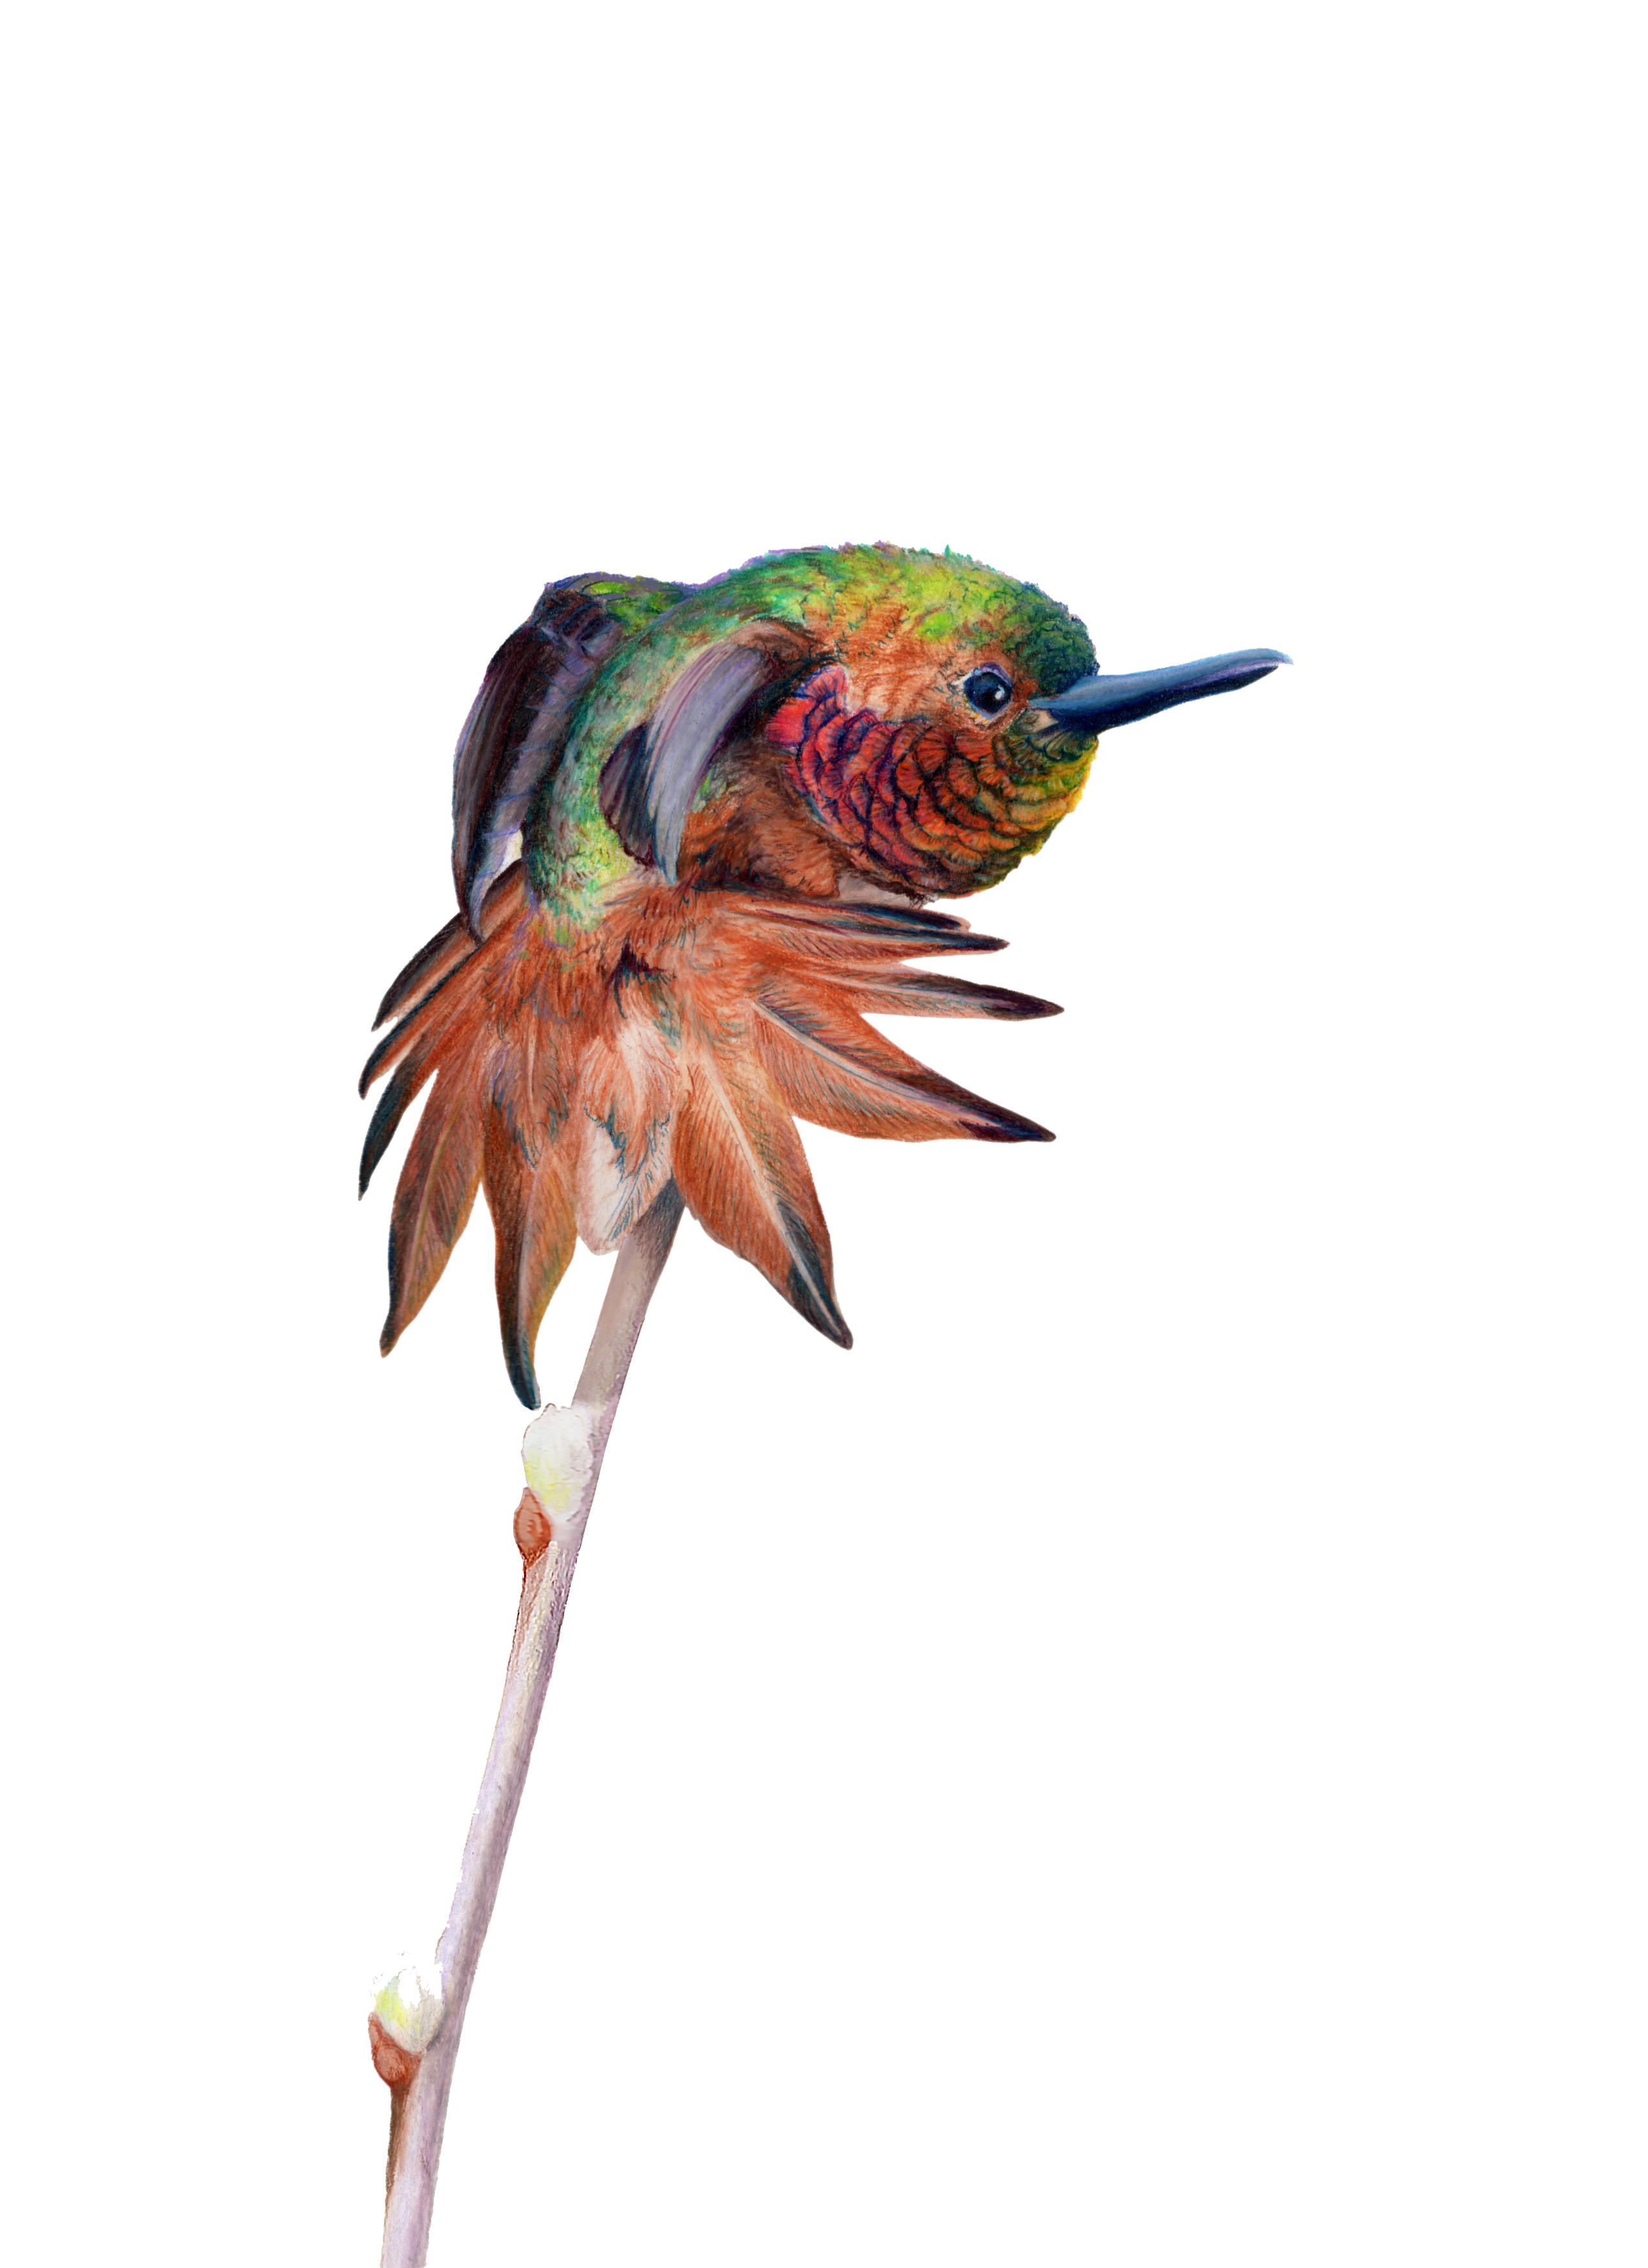 Fluff'n Stuff Rufus Hummingbird Original Artwork by Allison Richter